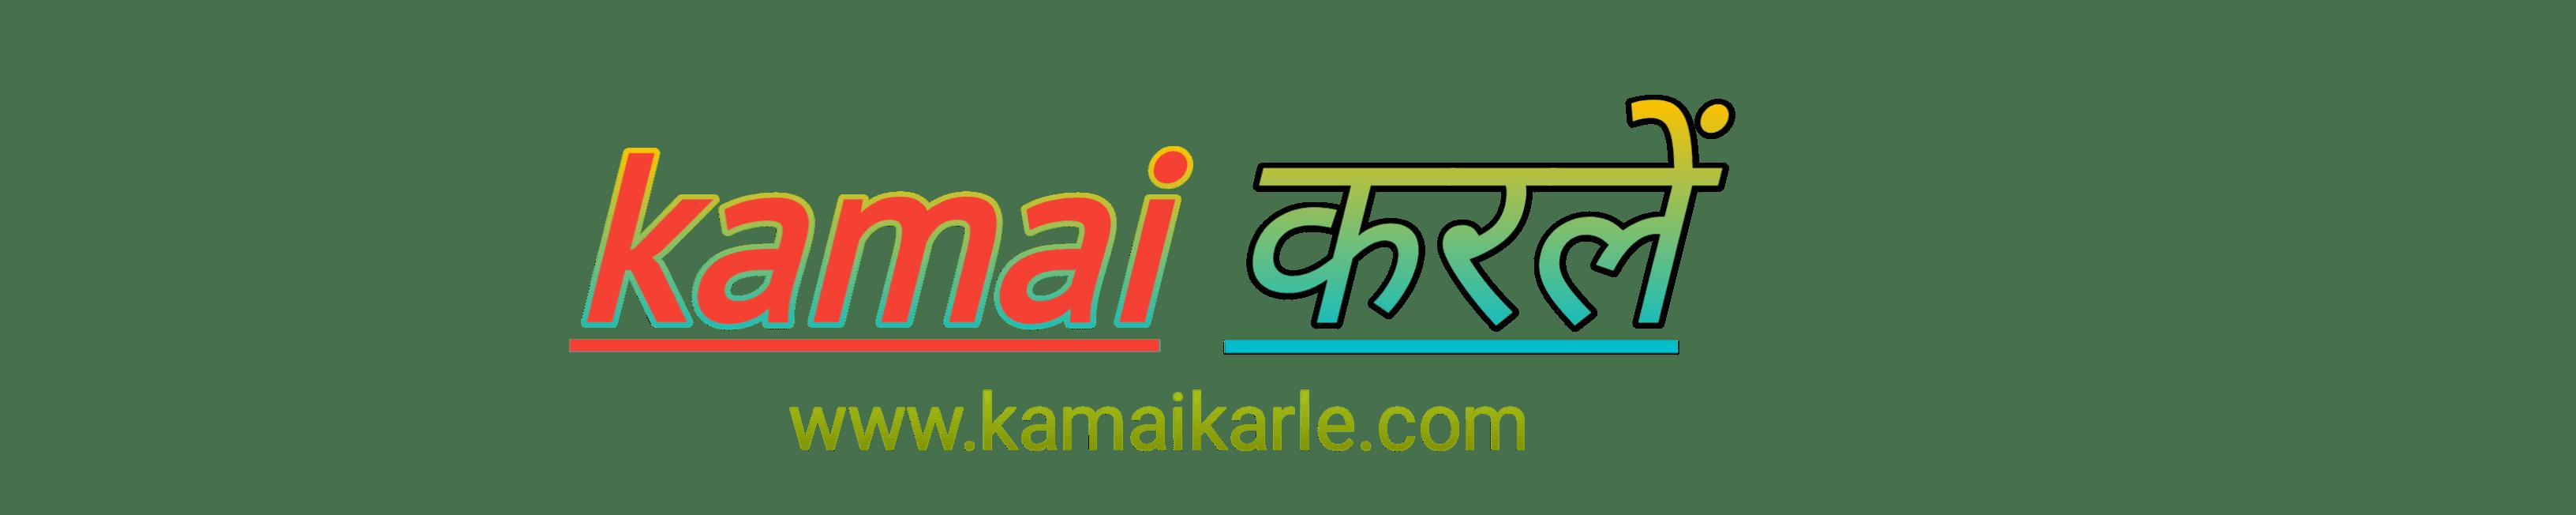 kamaikarle.com